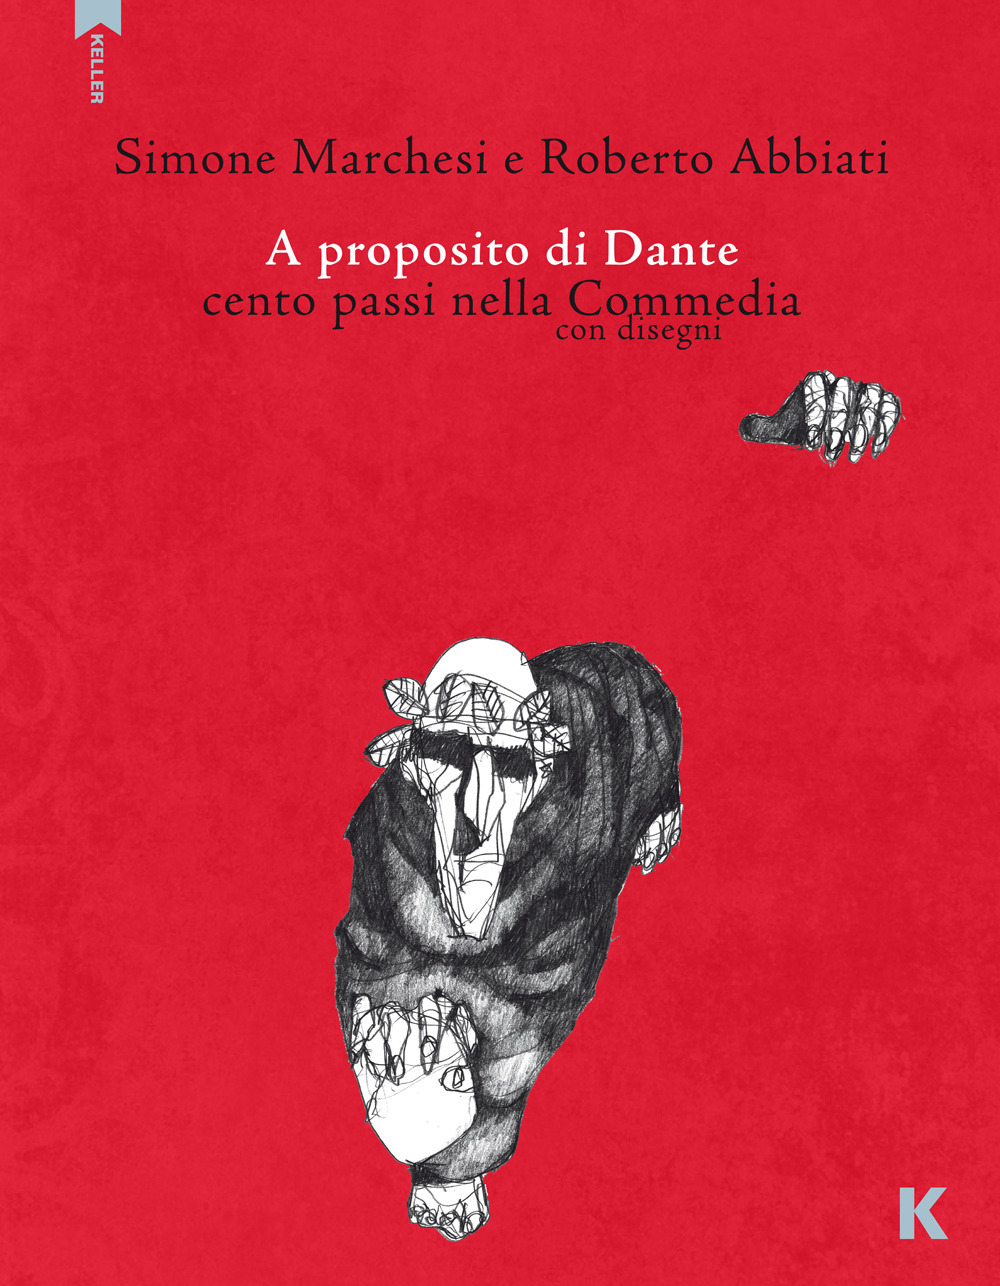 A proposito di Dante. Cento passi nella Commedia con disegni